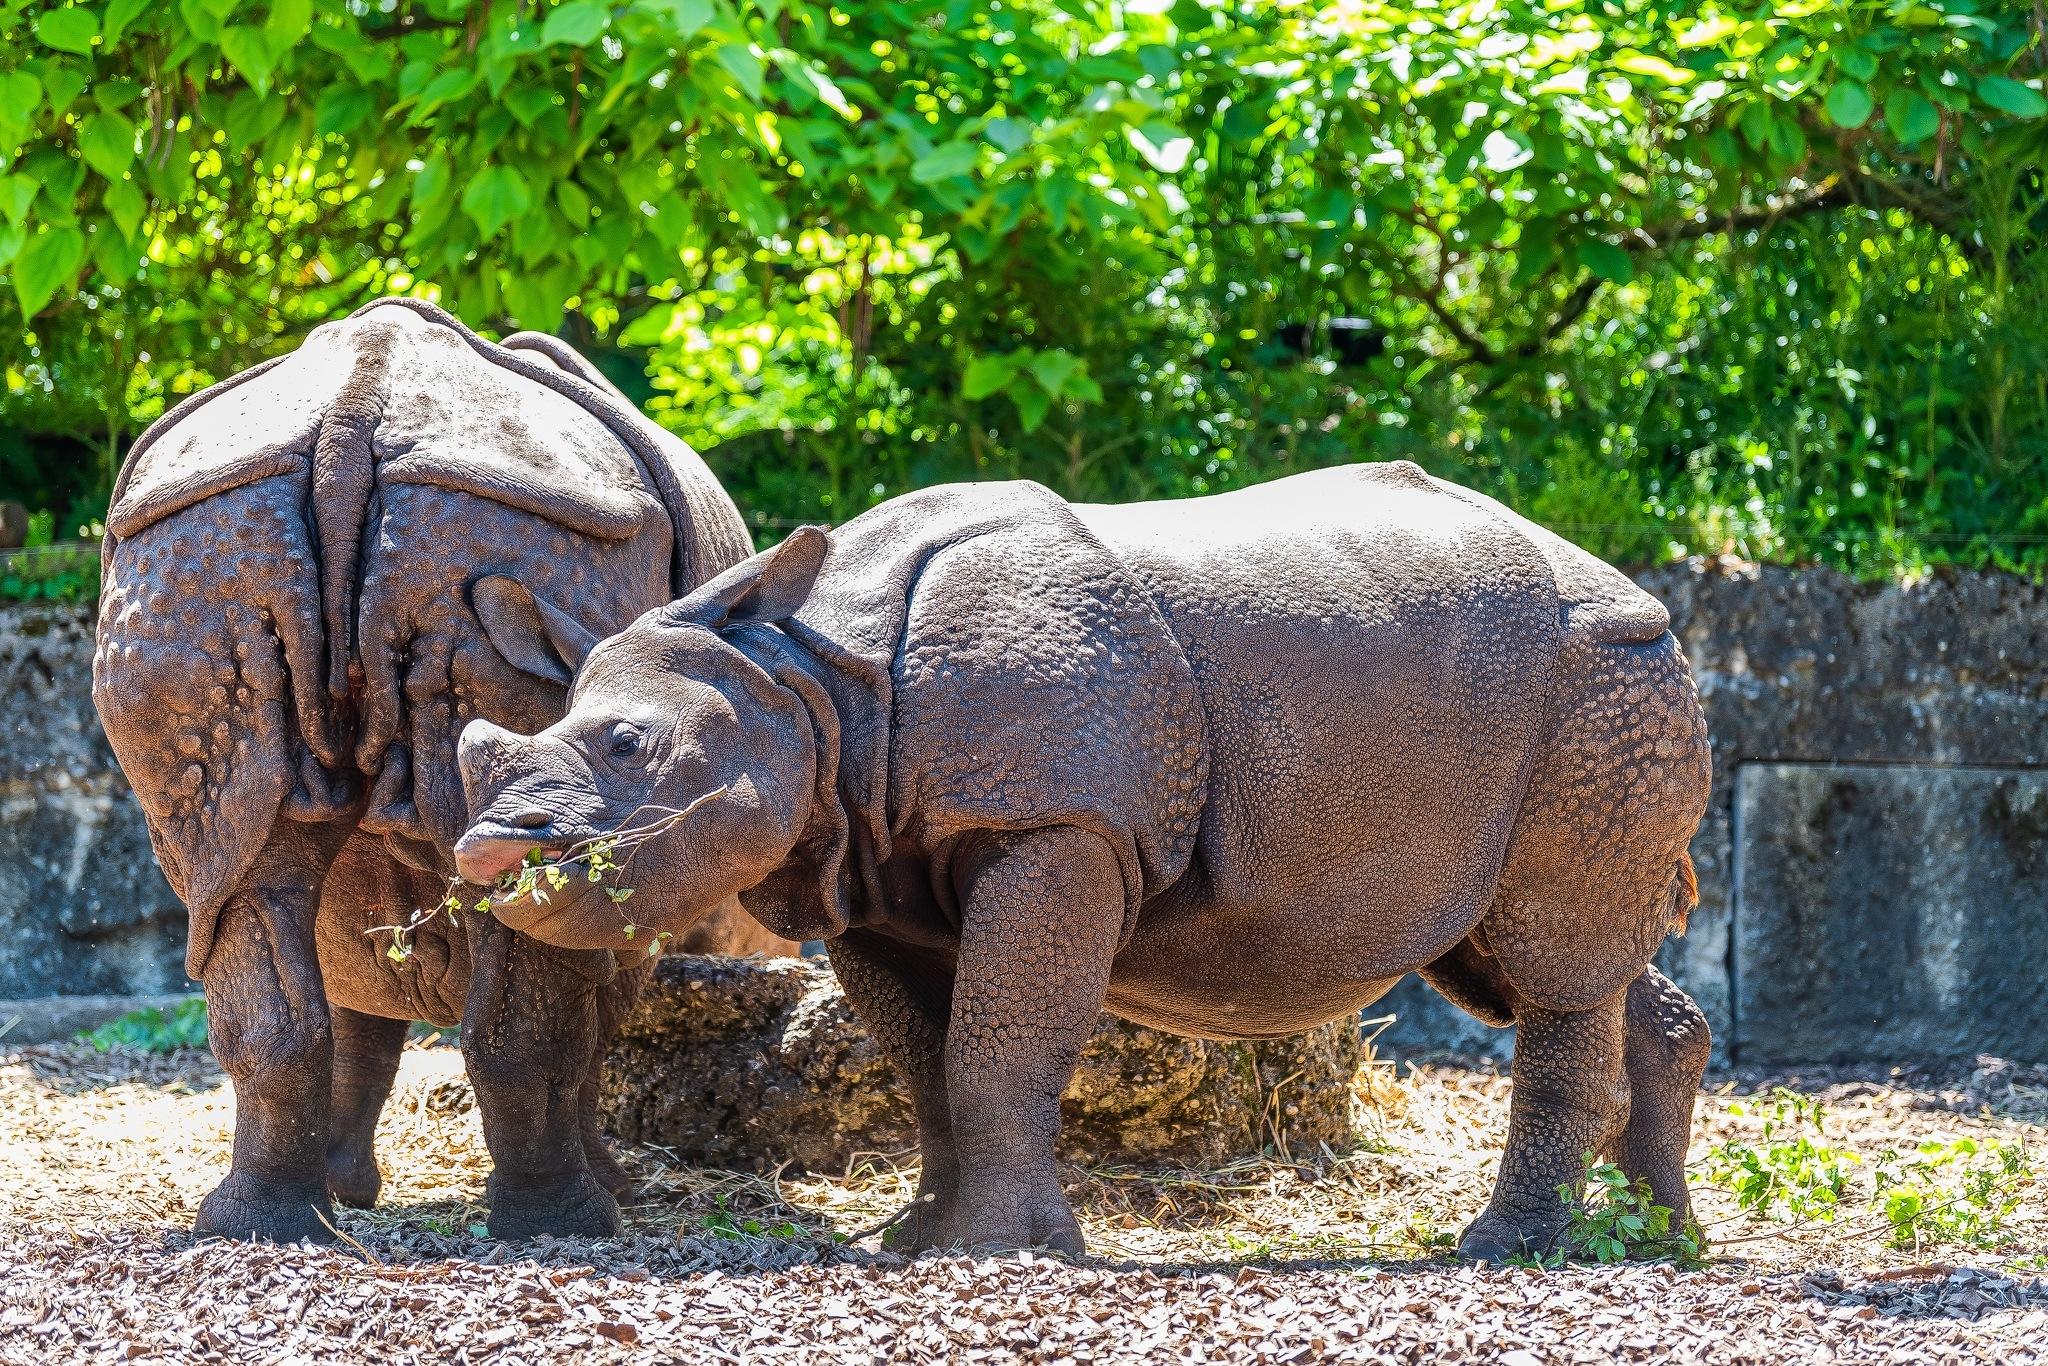 Rhinoceros by Fabian Bader